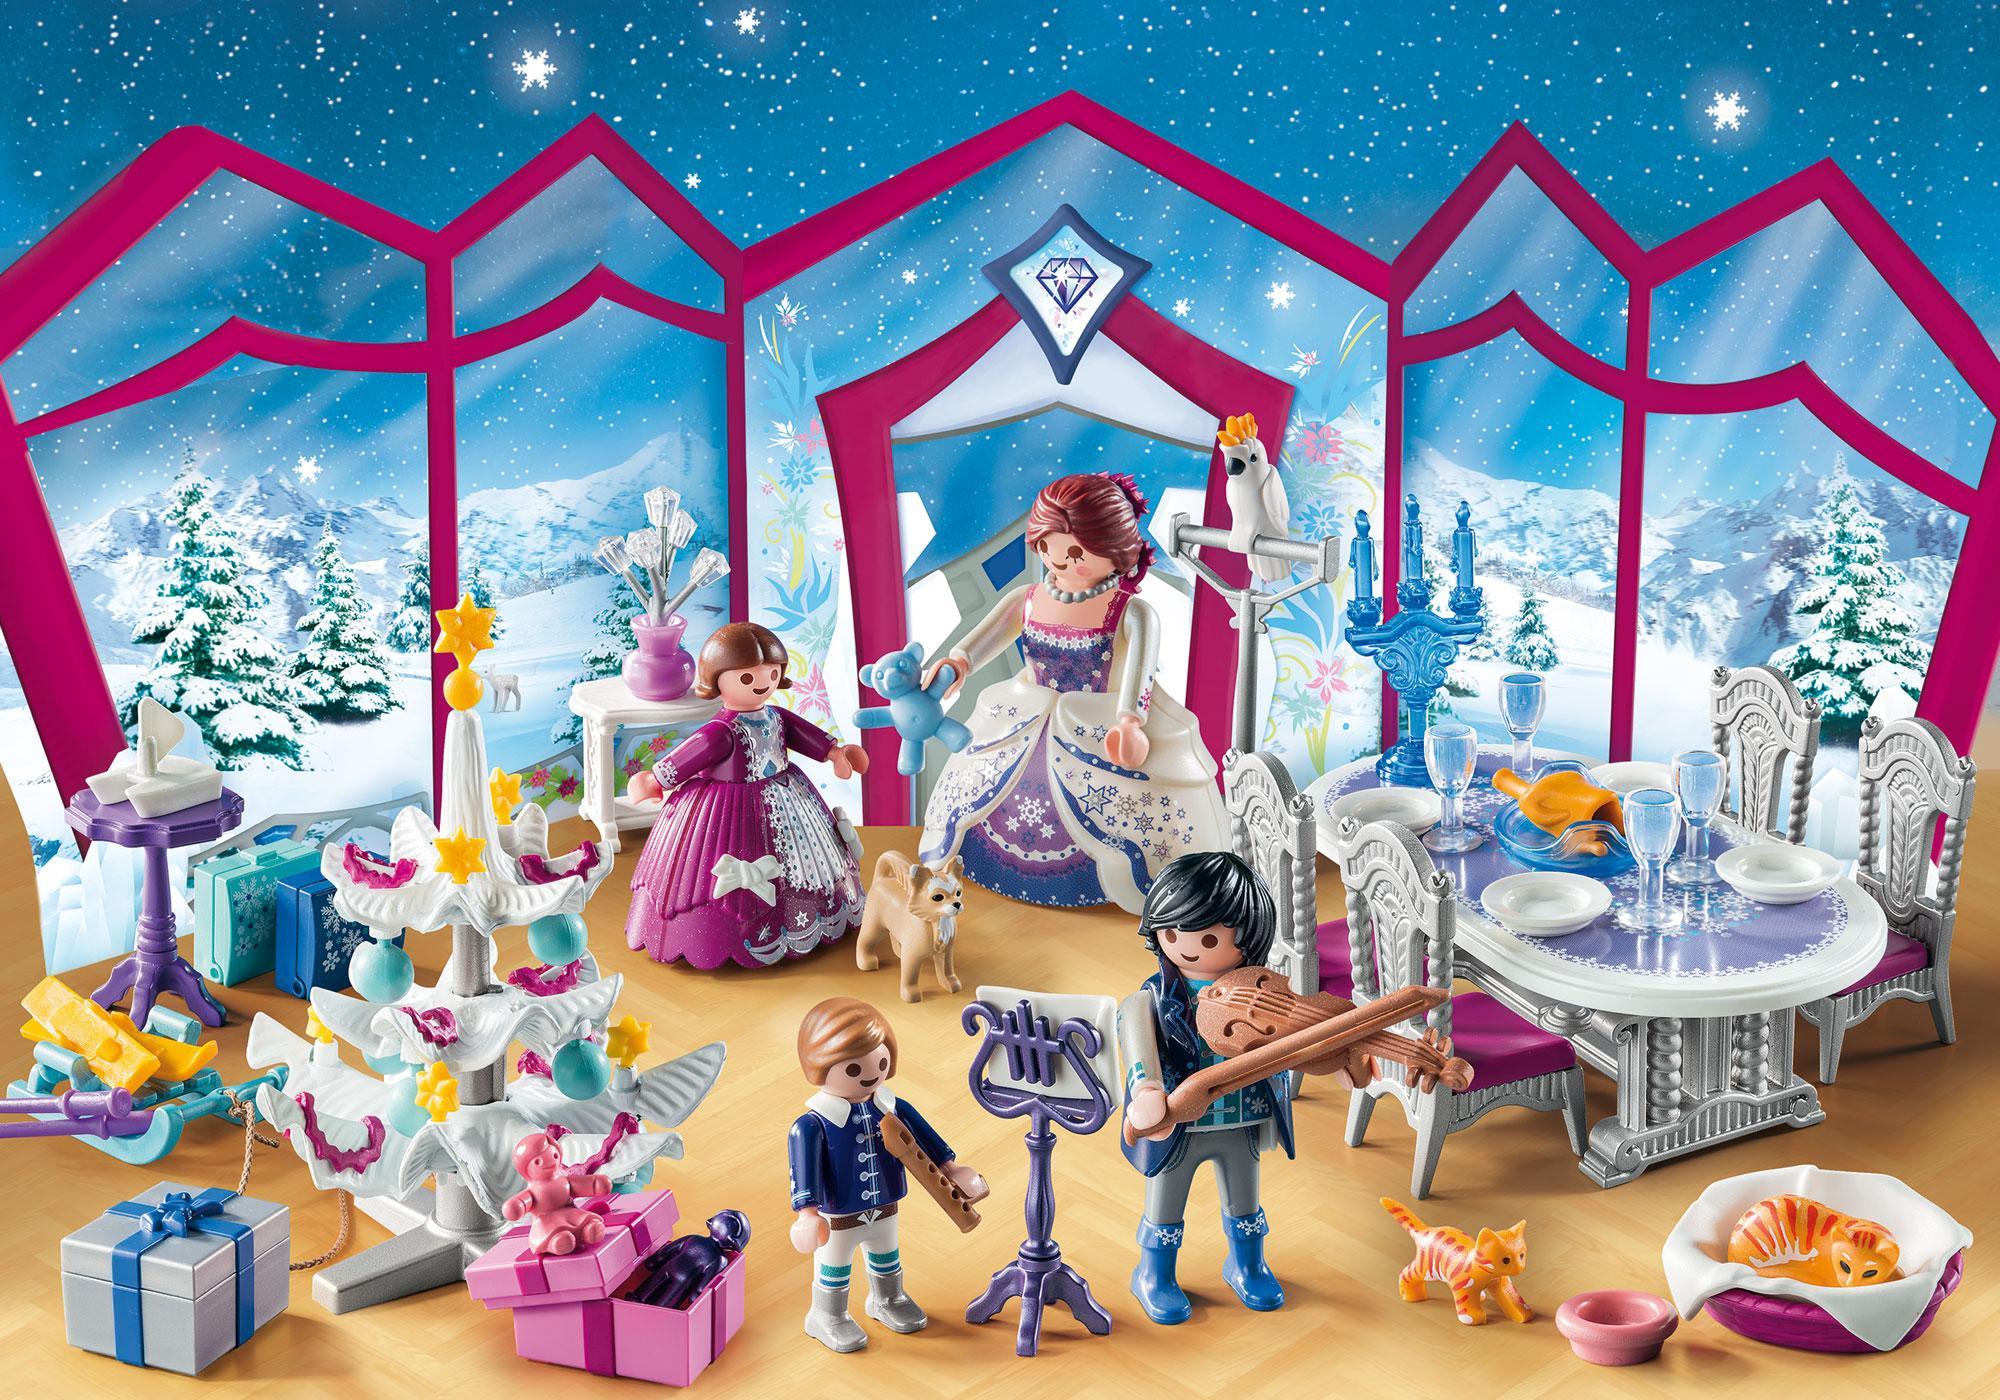 http://media.playmobil.com/i/playmobil/9485_product_extra1/Calendrier de l'Avent  'Bal de Noël au salon de Cristal'